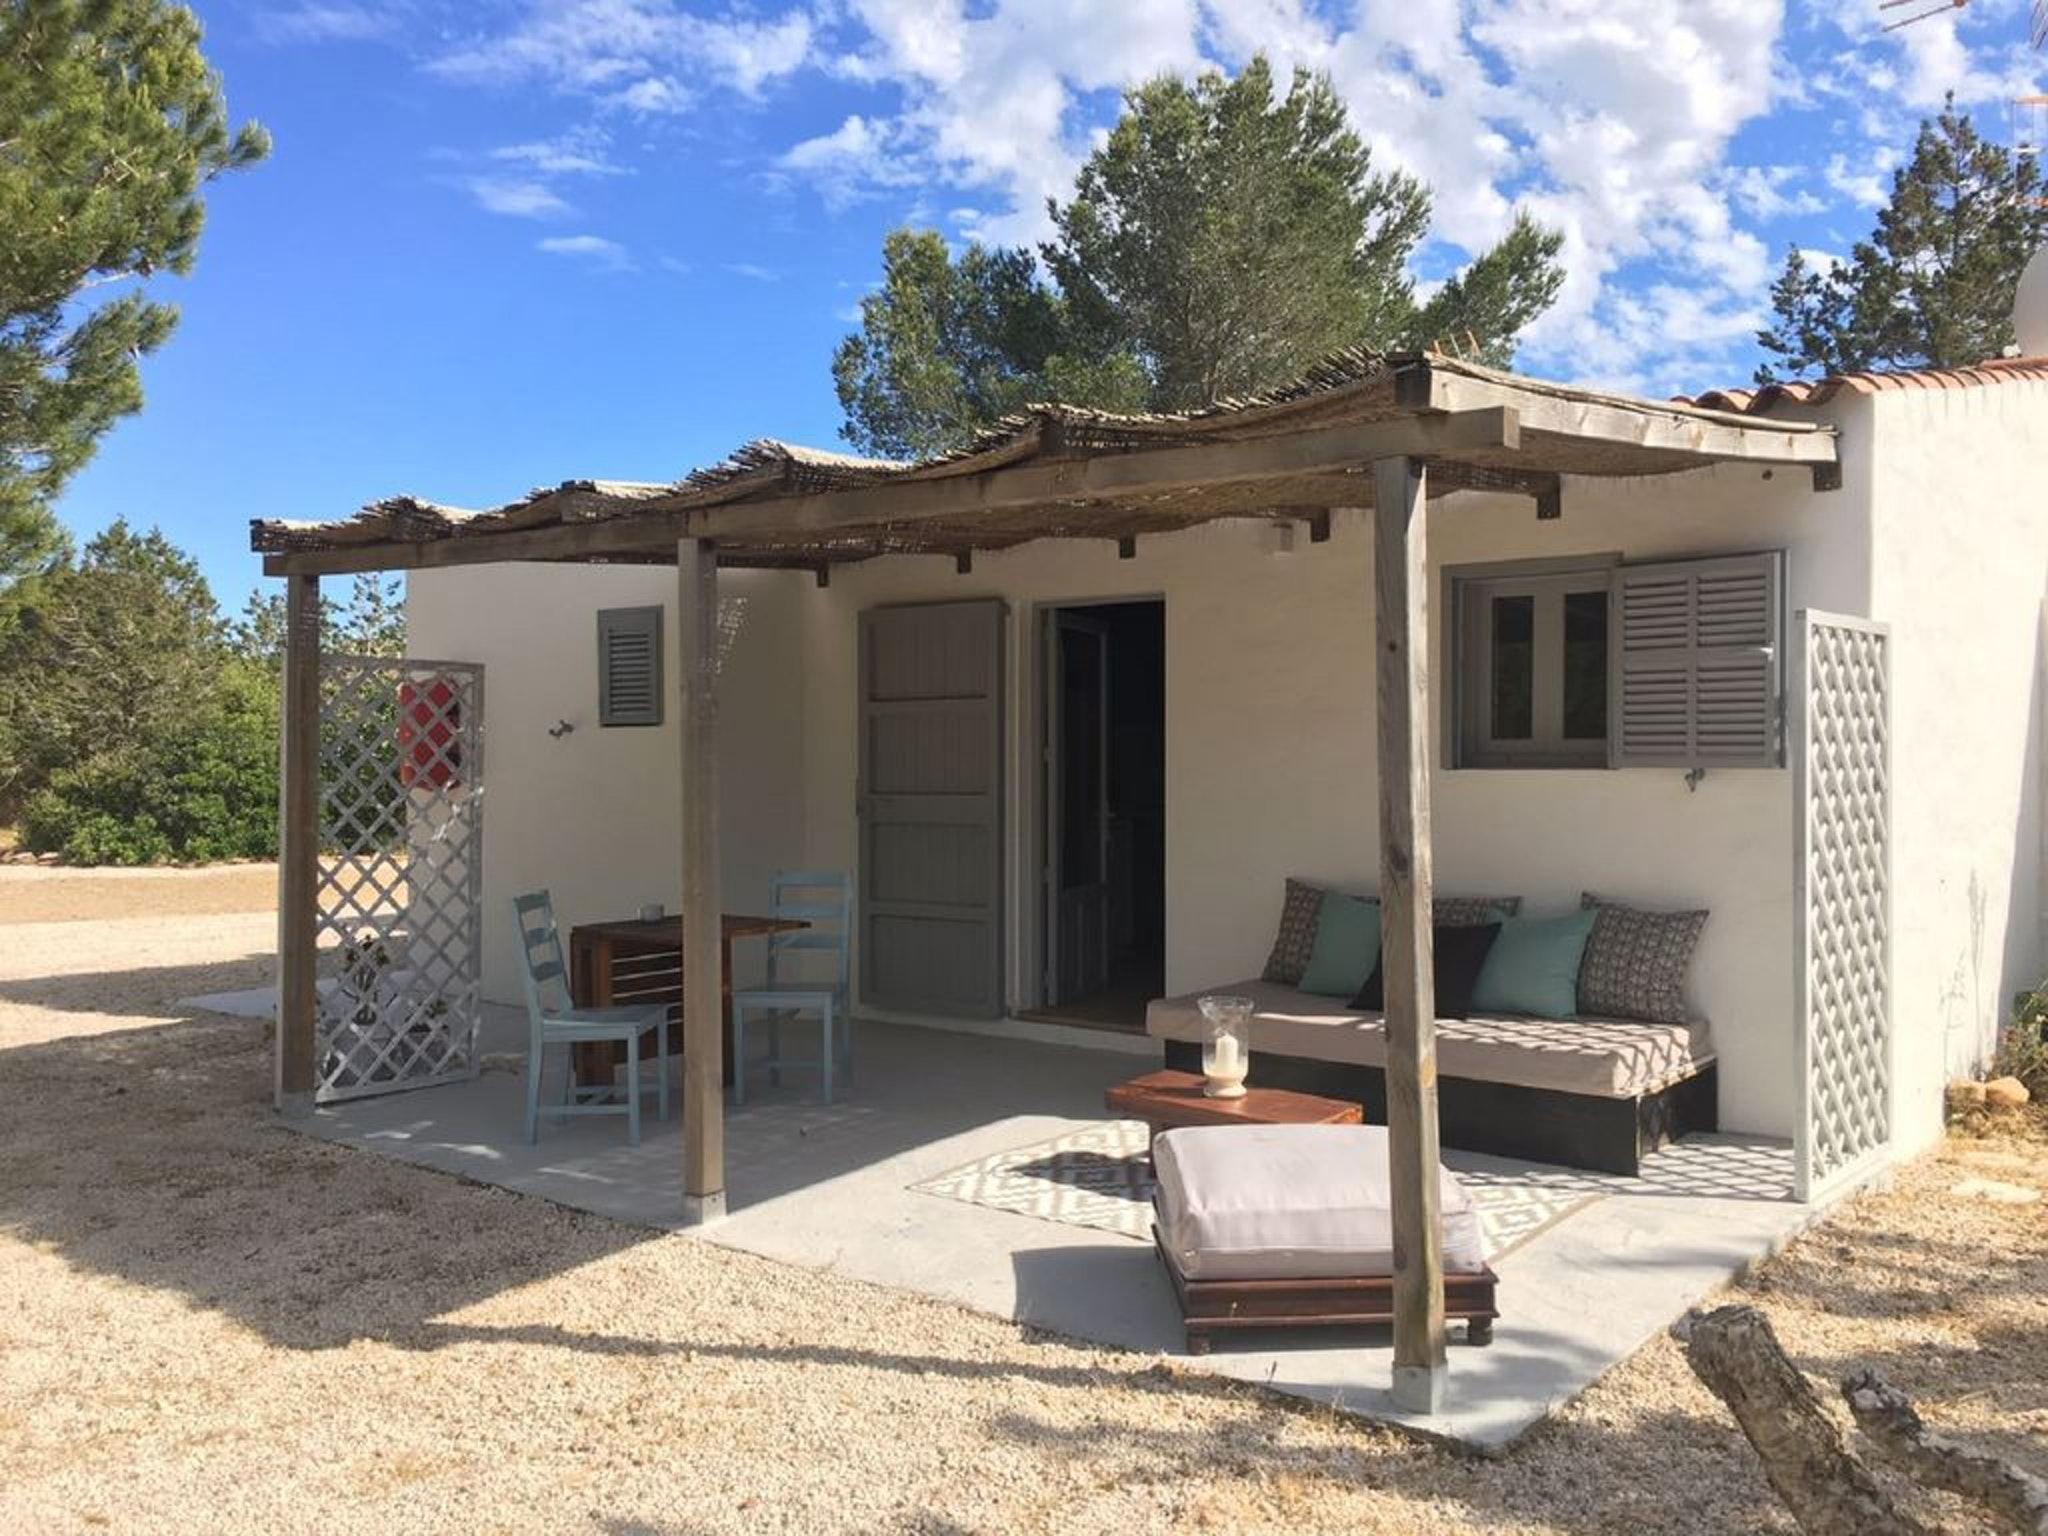 Maison de vacances Haus mit 3 Schlafzimmern in Formentera mit eingezäuntem Garten und W-LAN - 5 km vom Strand (2620580), San Francisco Javier, Formentera, Iles Baléares, Espagne, image 2